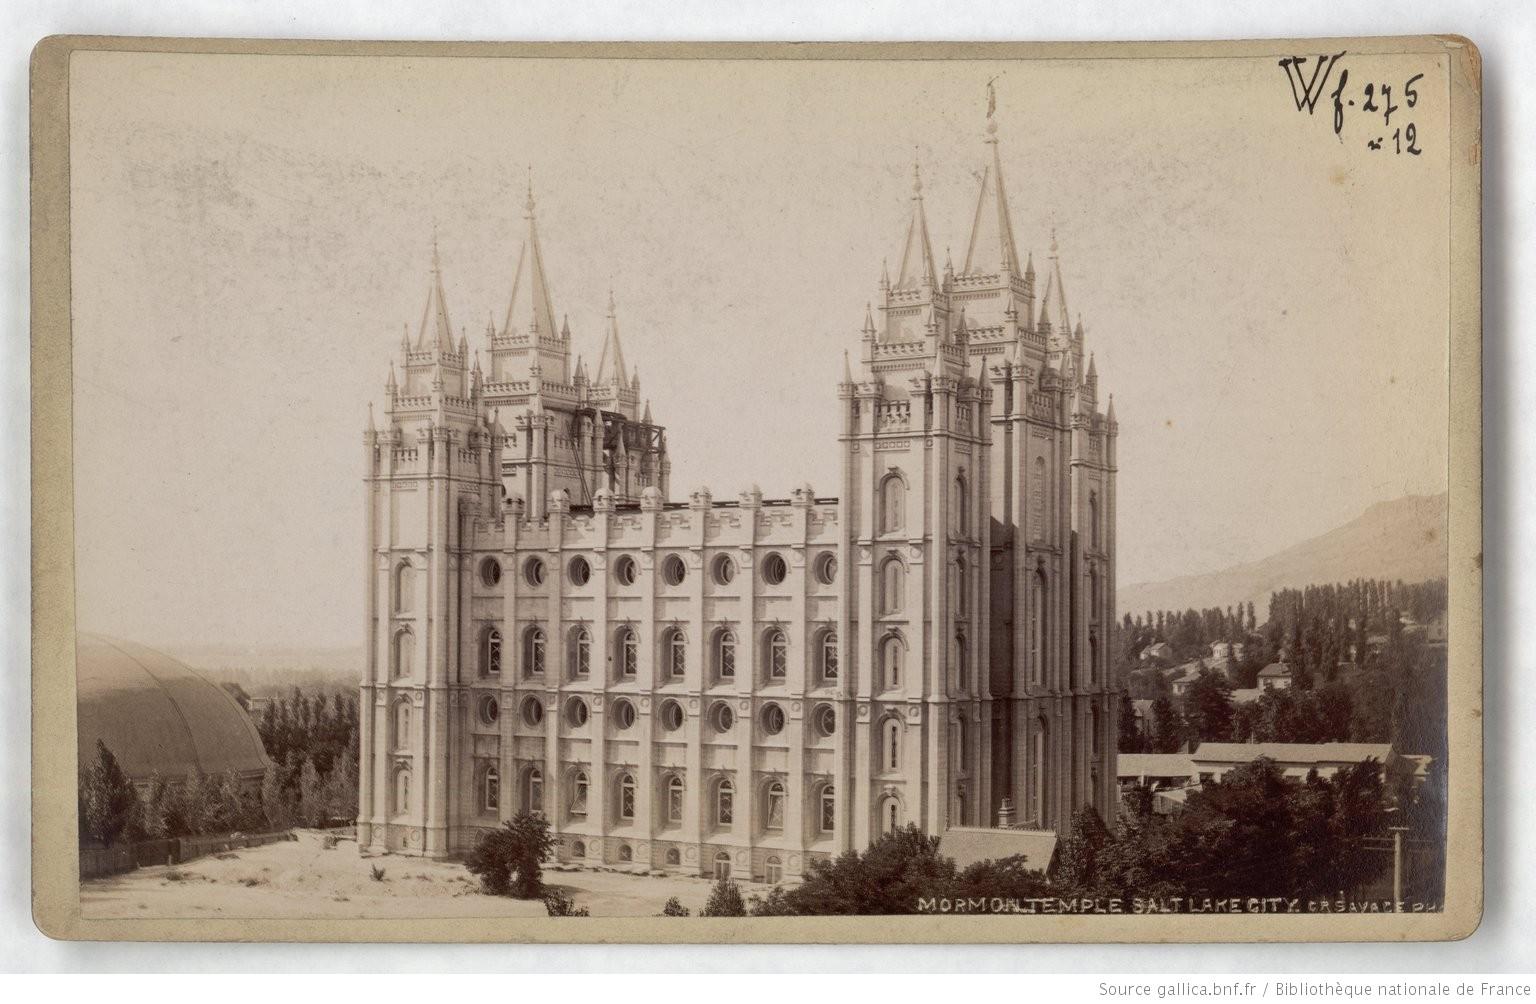 LDS Conférence conférences datant